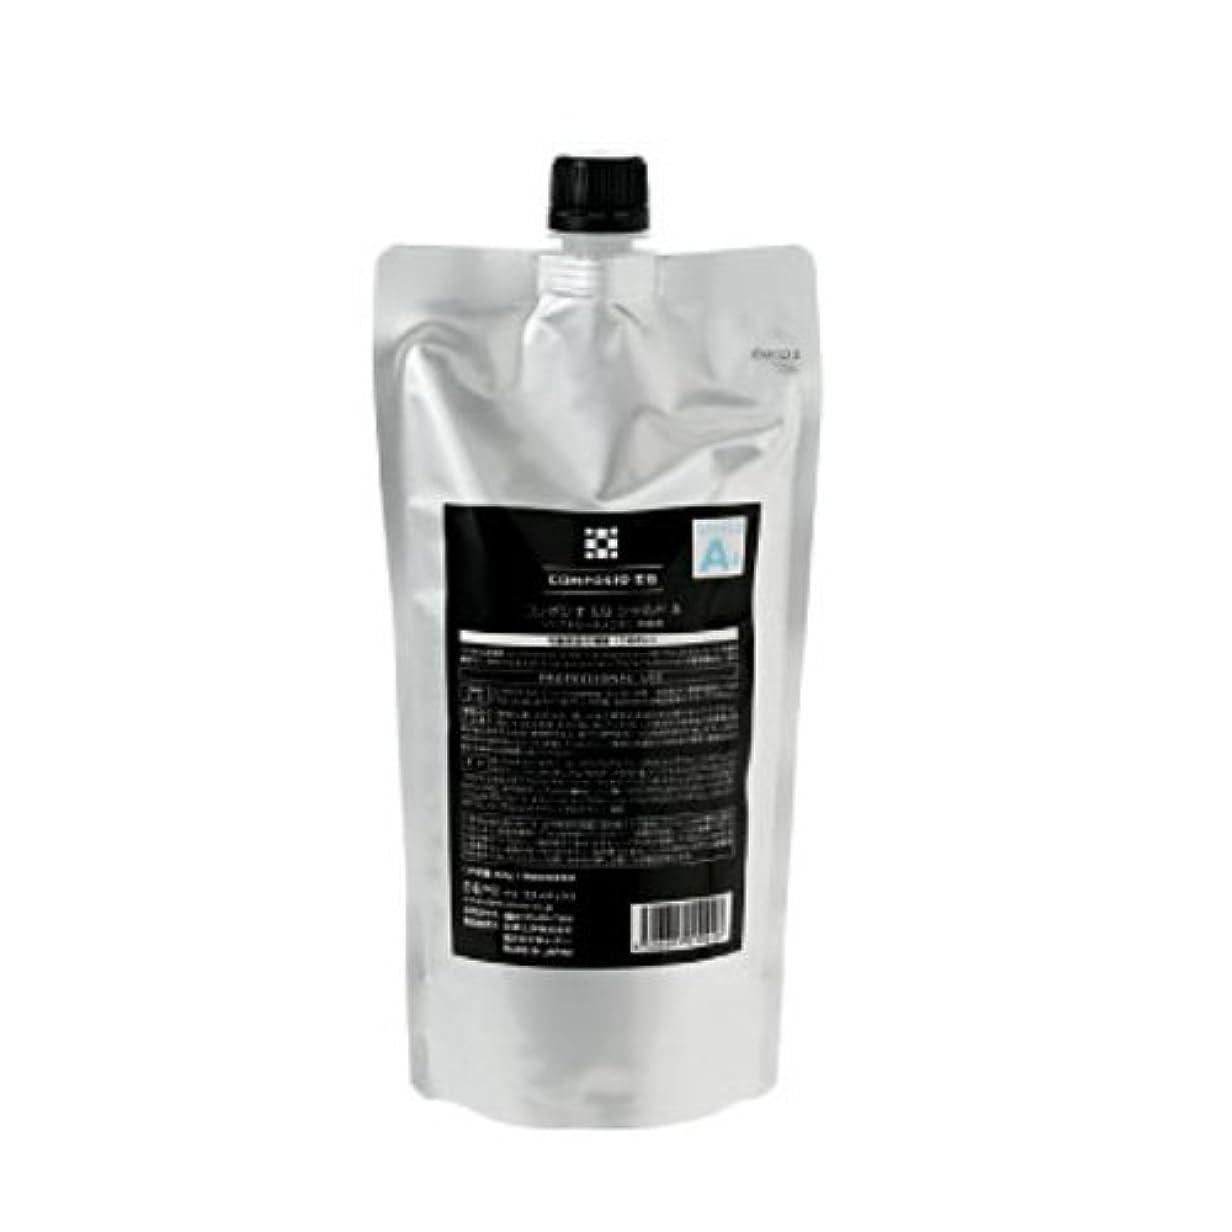 後退する九時四十五分アーサーコナンドイルデミ コンポジオ EQ シールドA 450g(業務?詰替用)